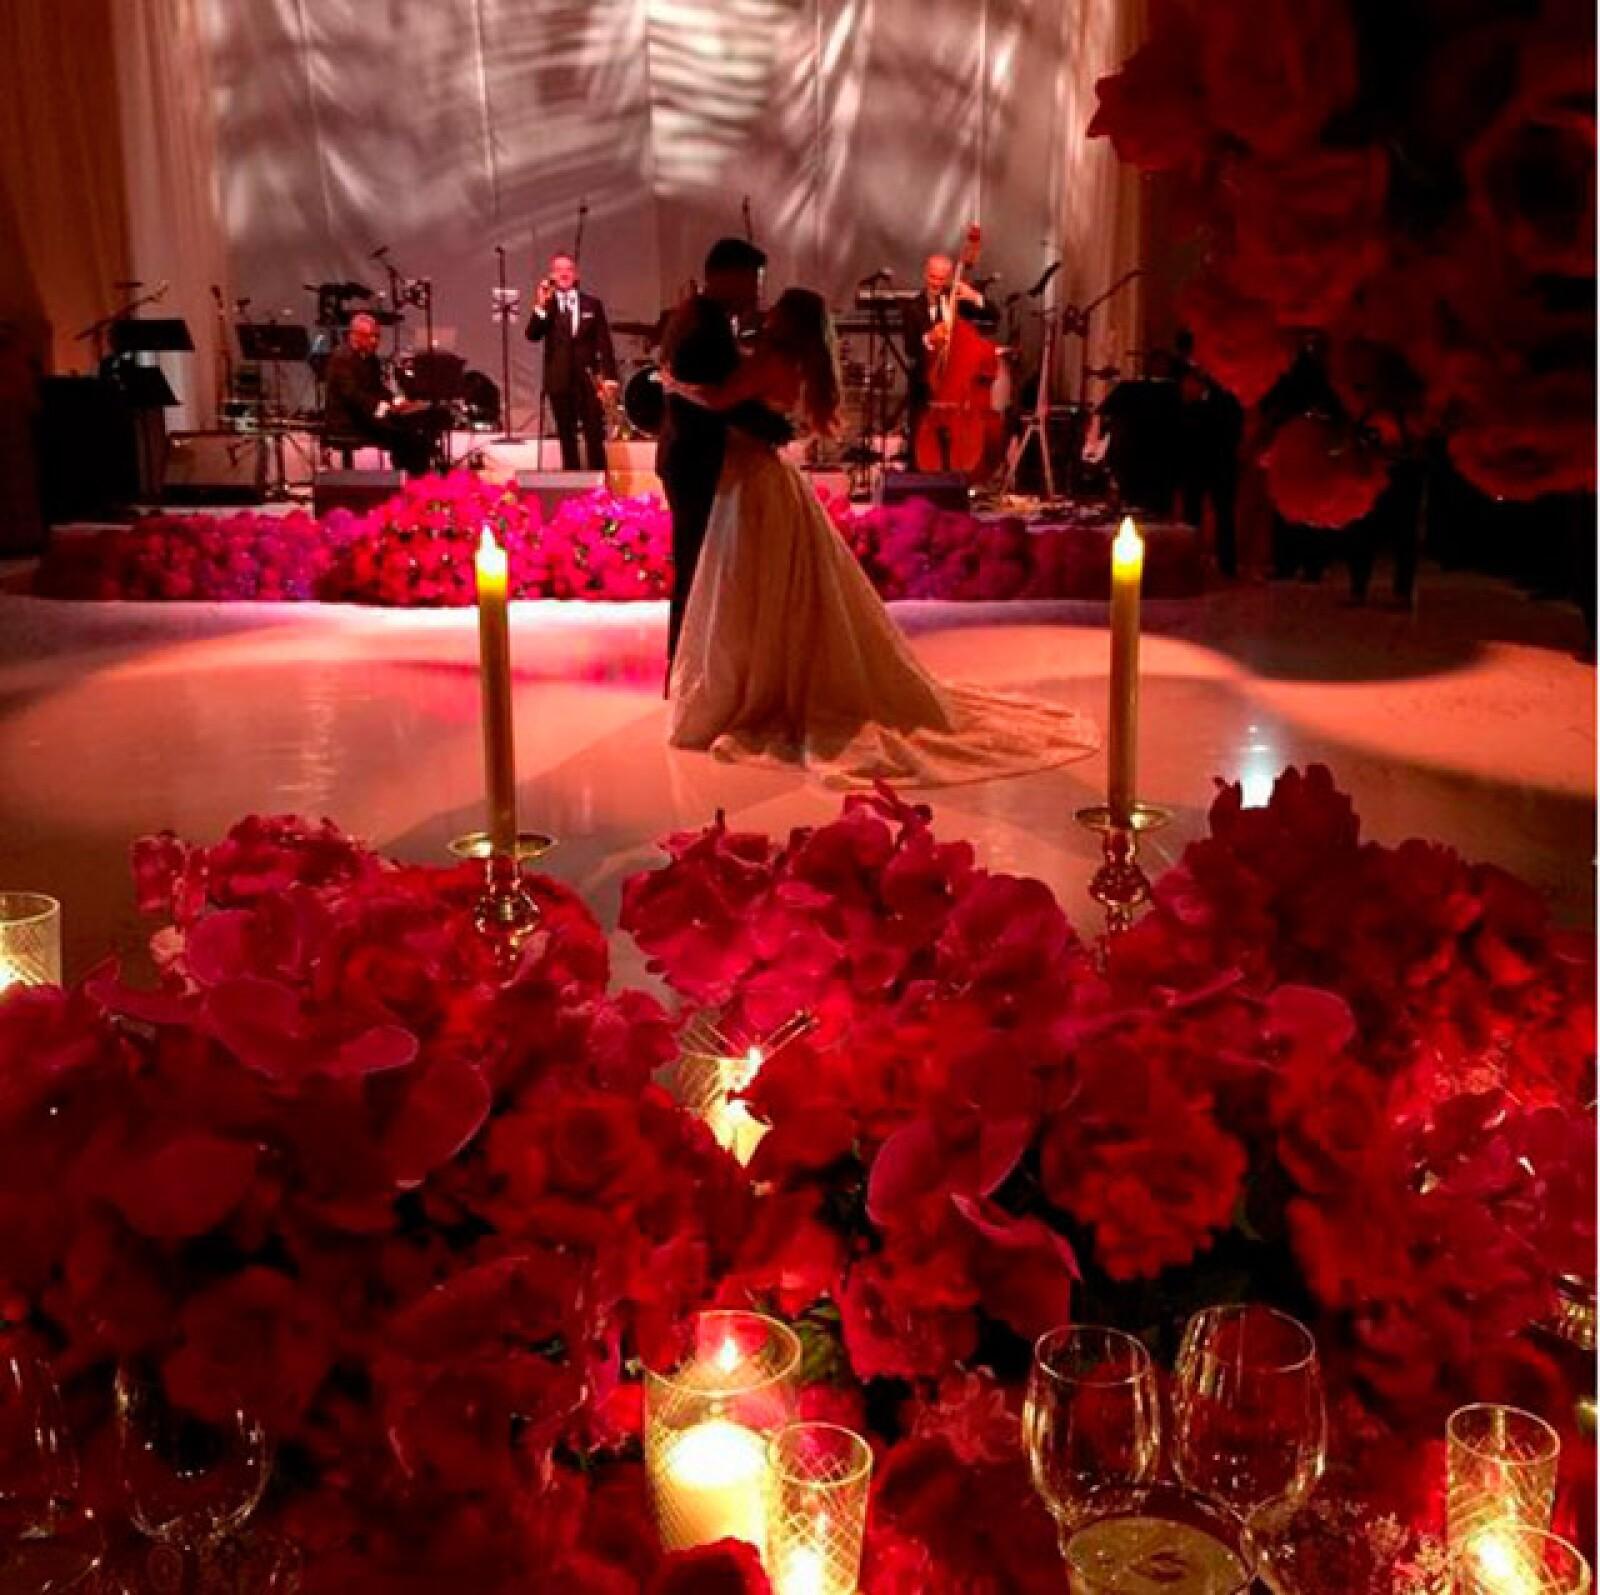 Uno de los momentos más románticos de la noche fue el primer baile como marido y mujer.